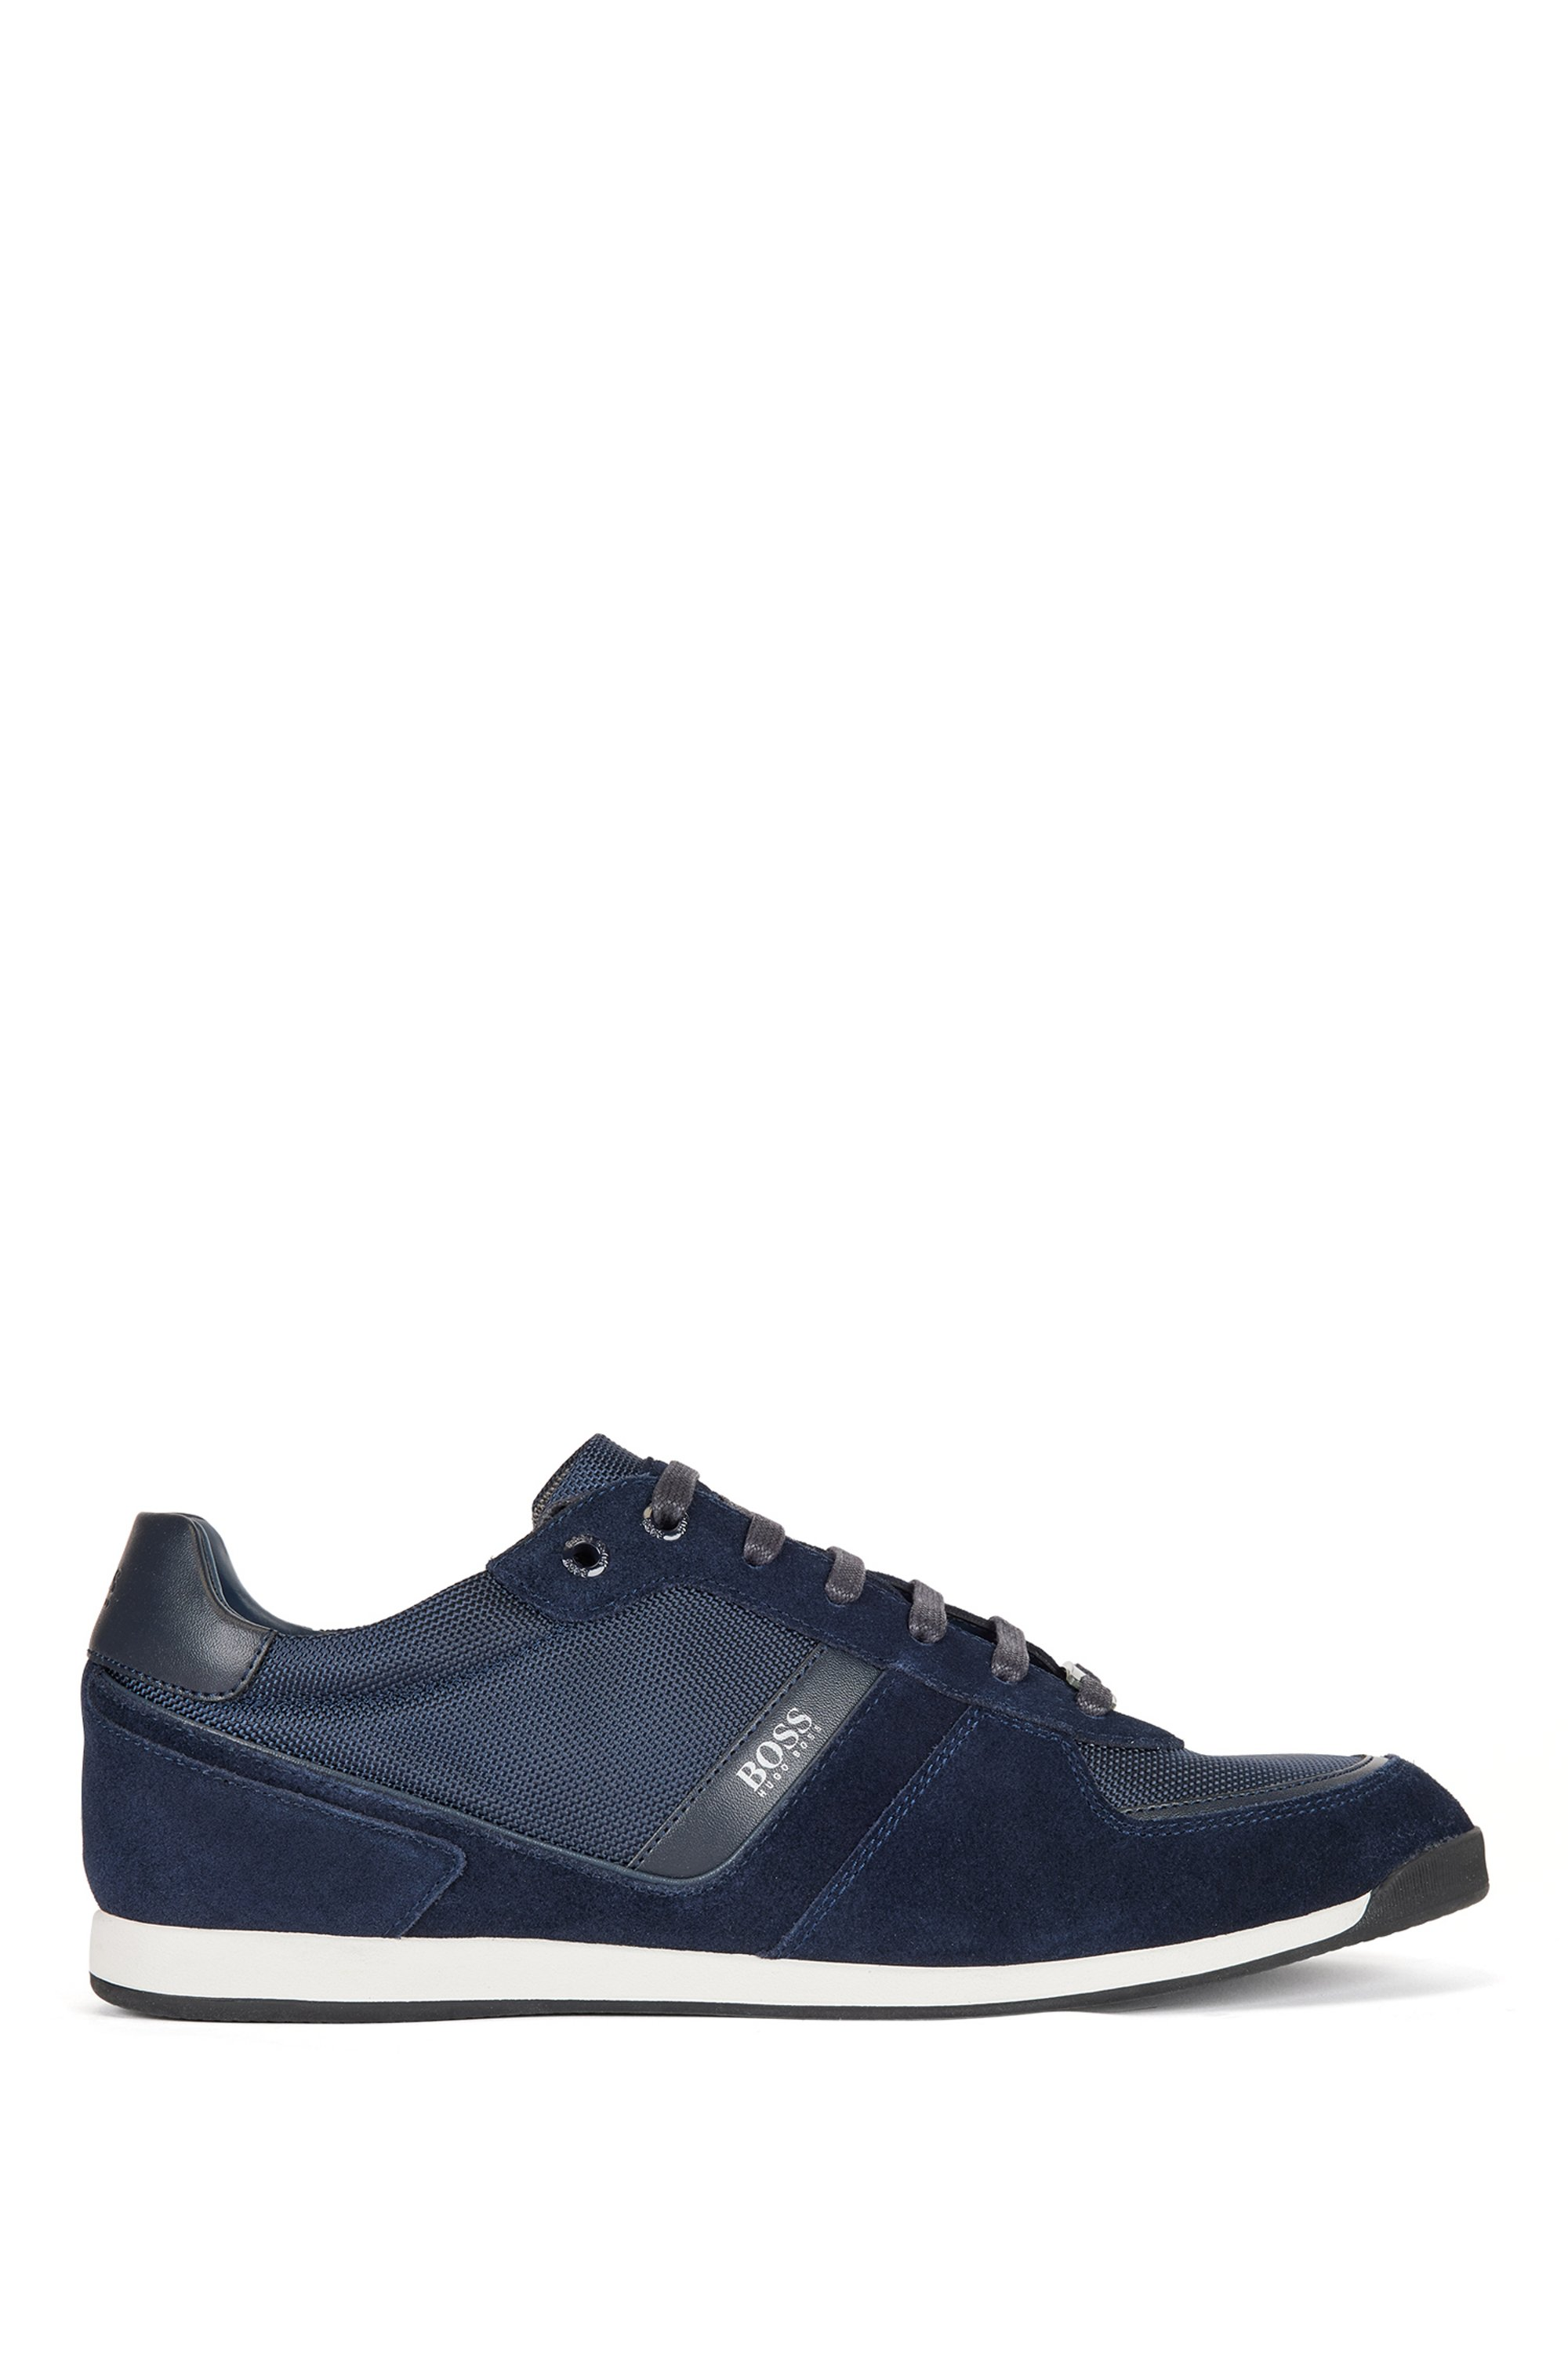 Sneakers low-top in pelle, pelle scamosciata e tessuto tecnico, Blu scuro